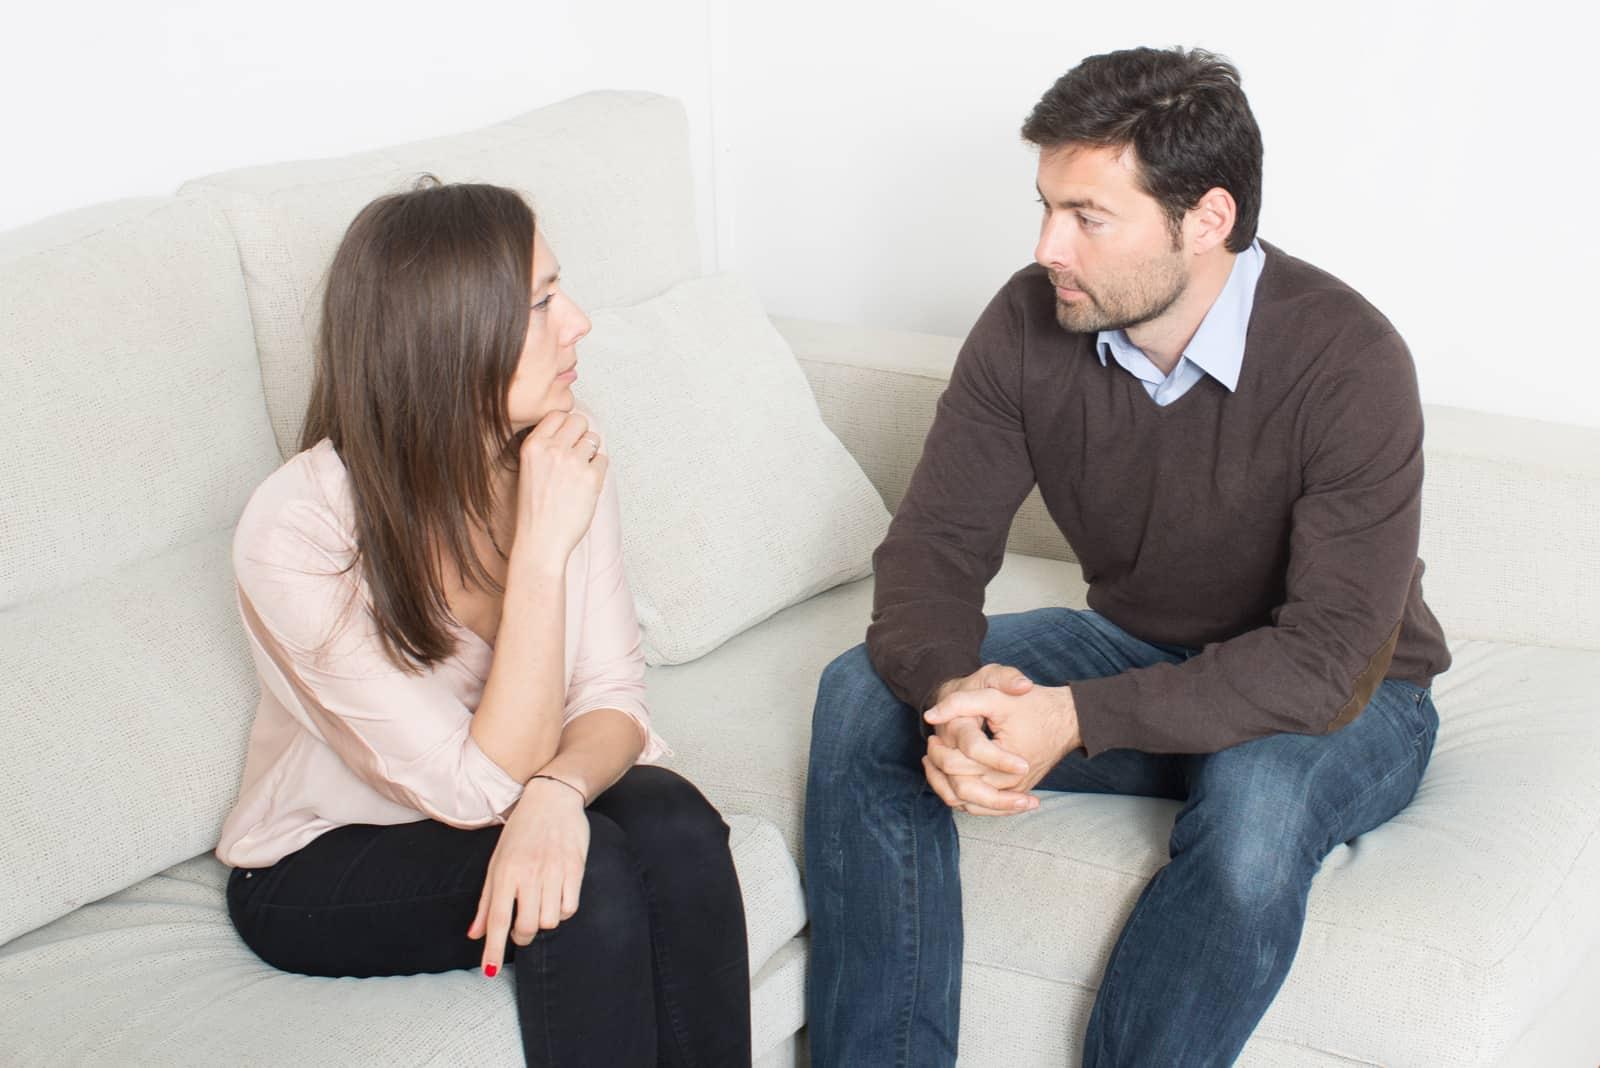 homme et femme parlant assis sur un canapé